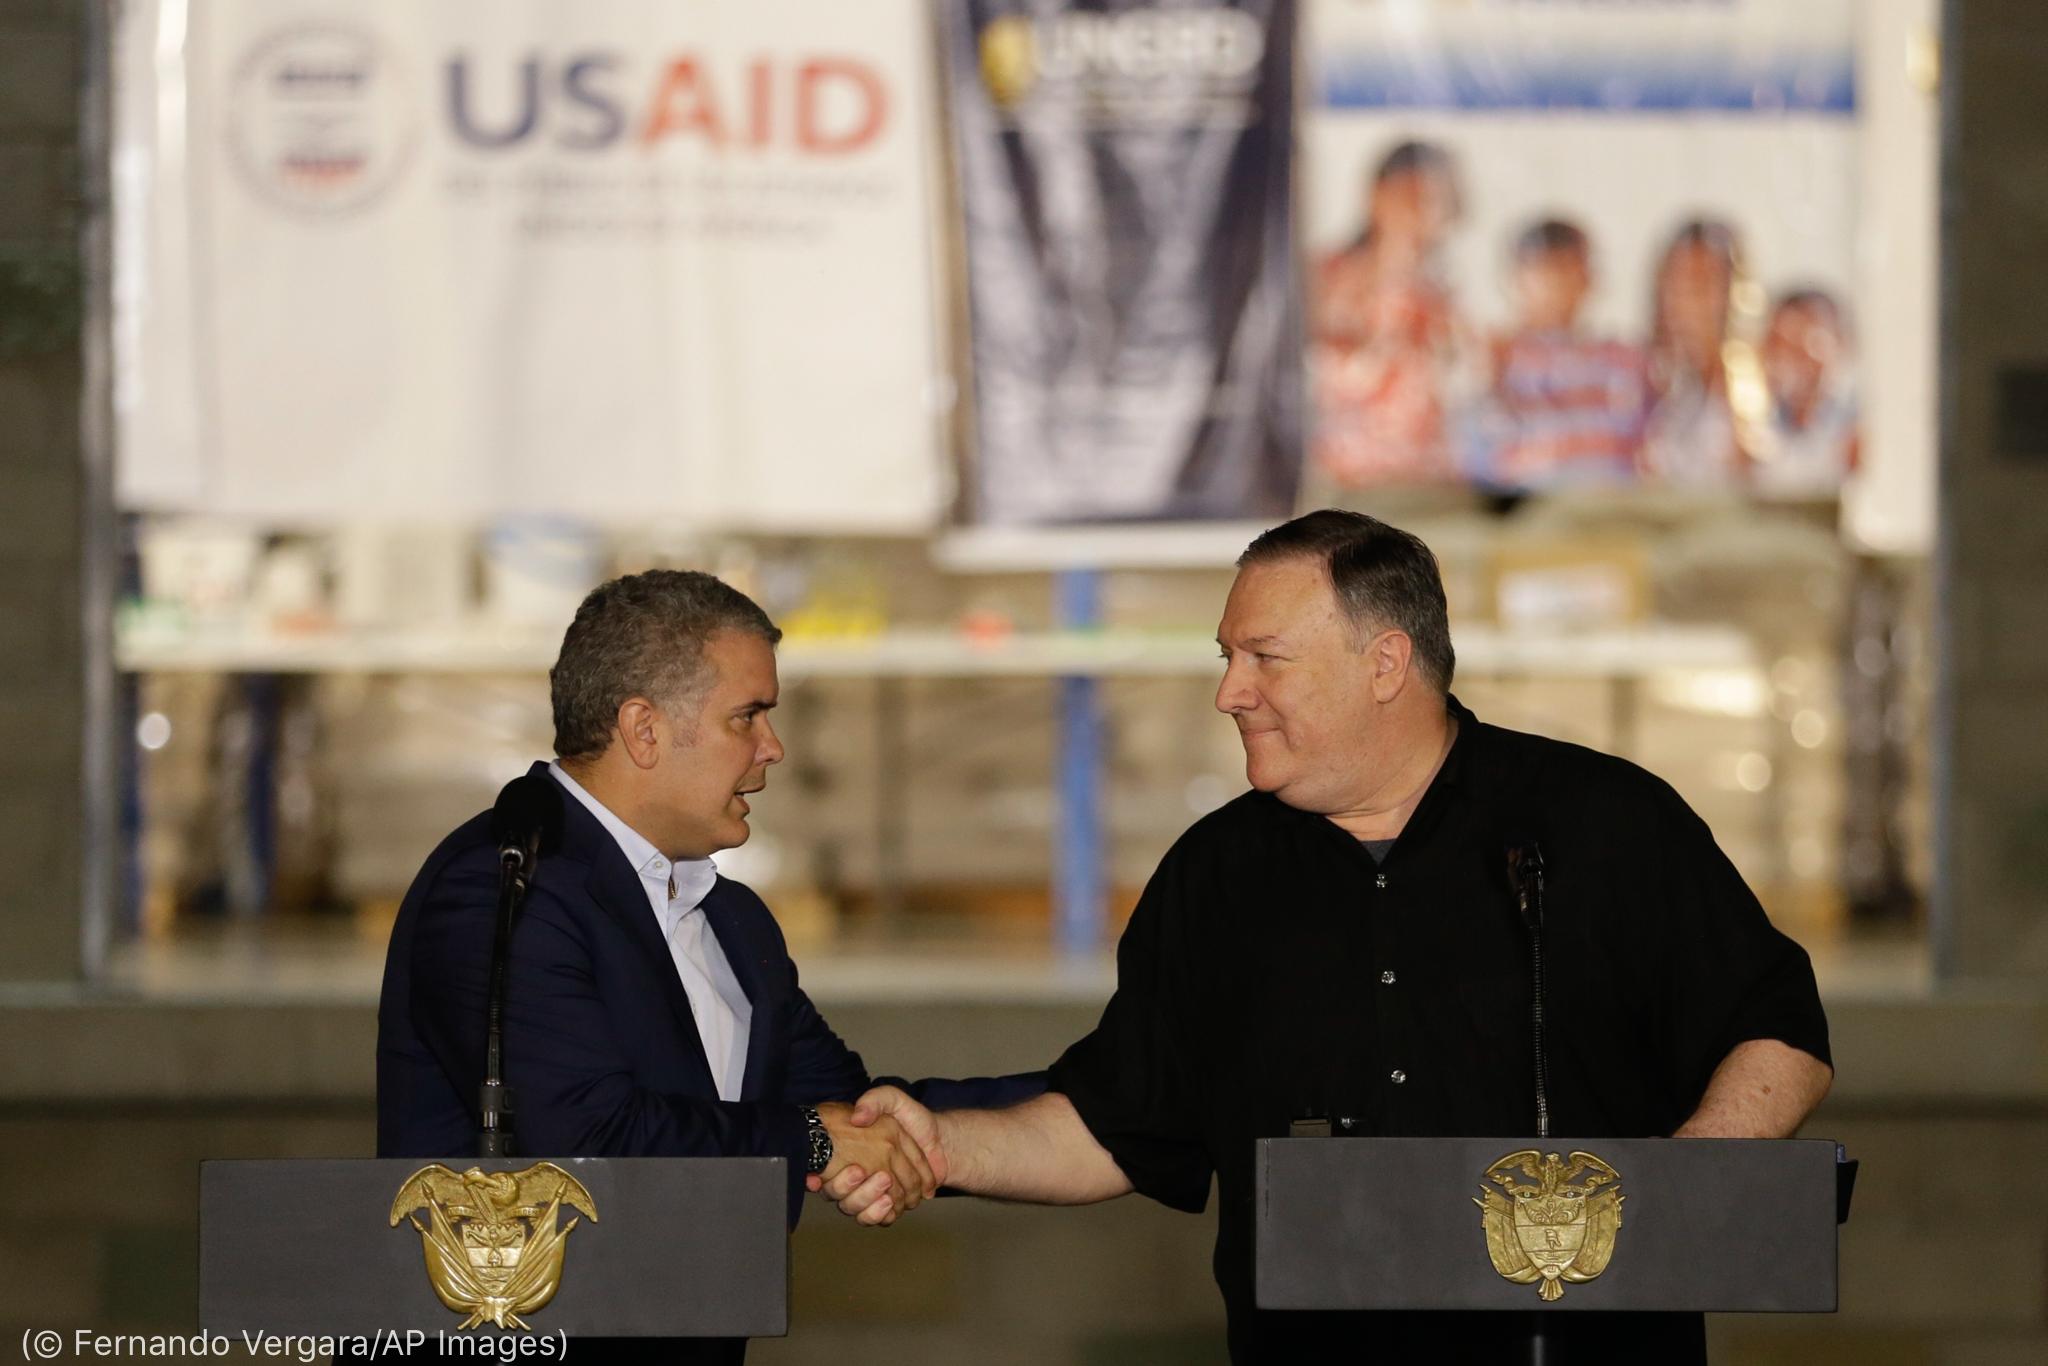 Iván Duque Márquez e o secretário Pompeo em pé no púlpito e apertando as mãos (© Fernando Vergara/AP Images)